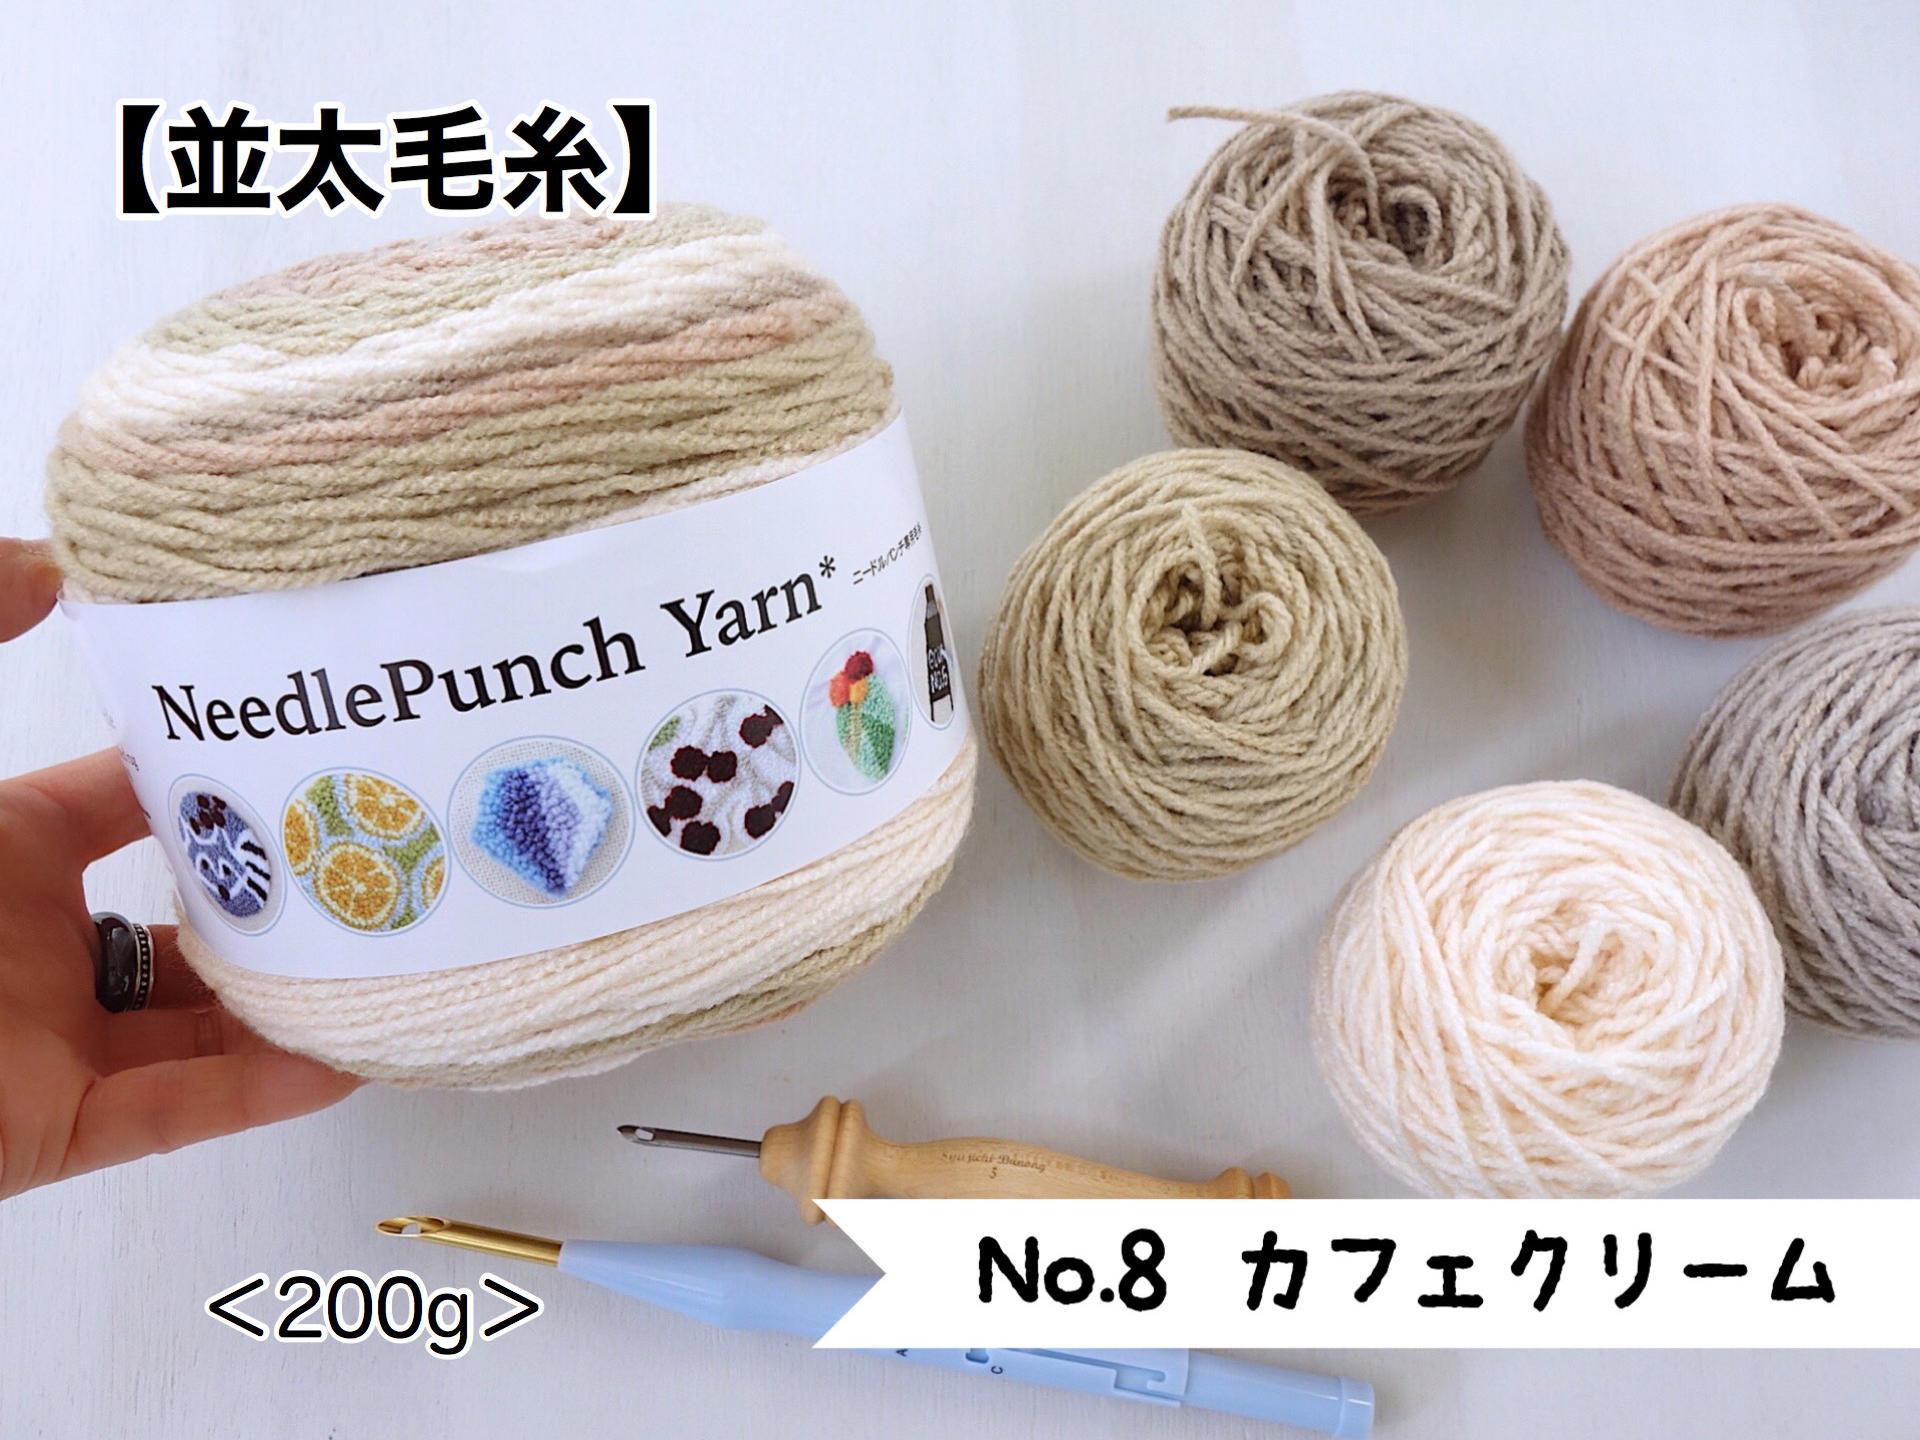 毛糸*カフェクリーム